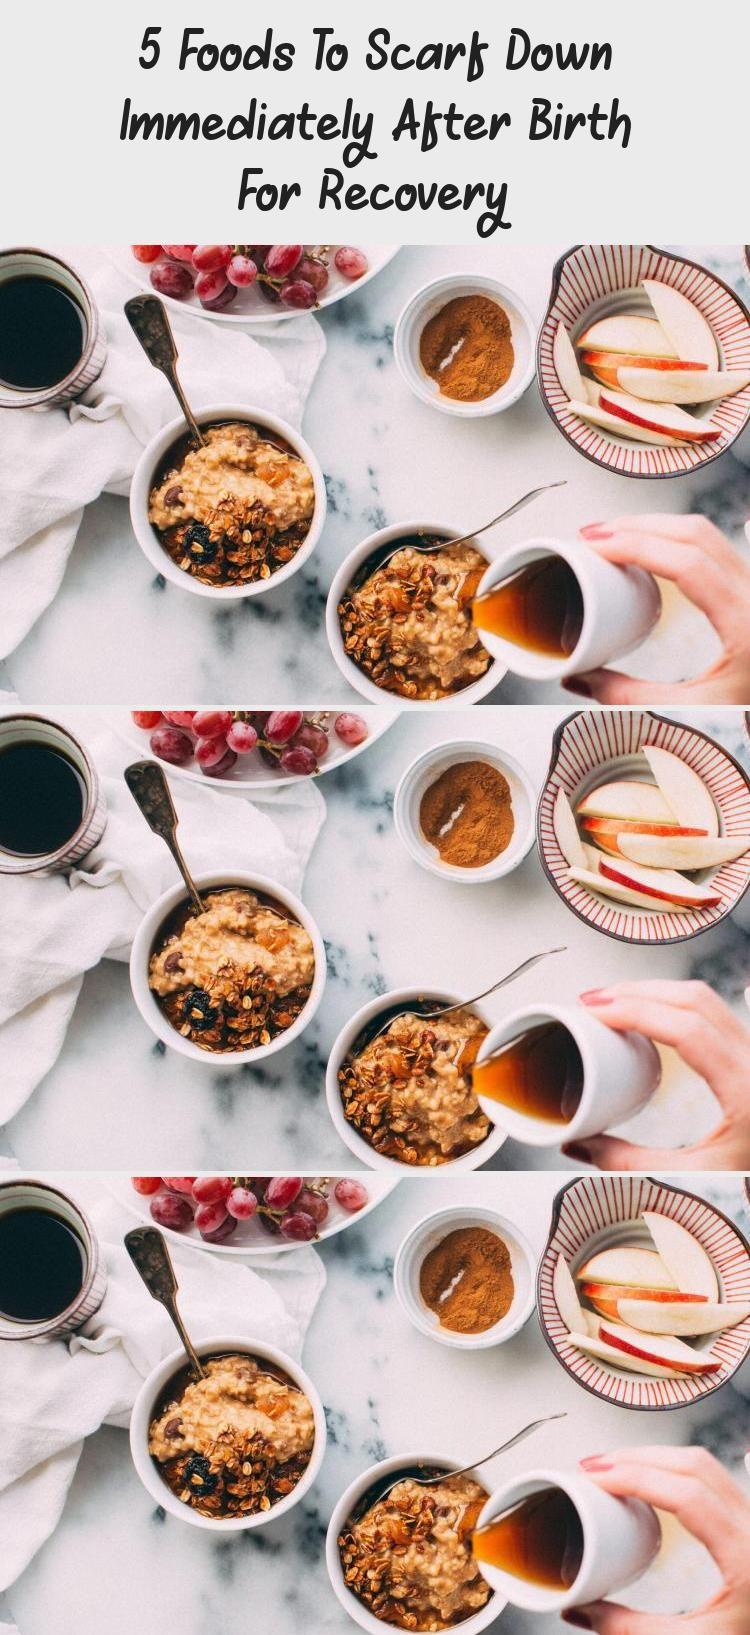 Das alles essen! Der beste Rat für Lebensmittel, die ich nach der Geburt essen sollte …  – Pregnancy